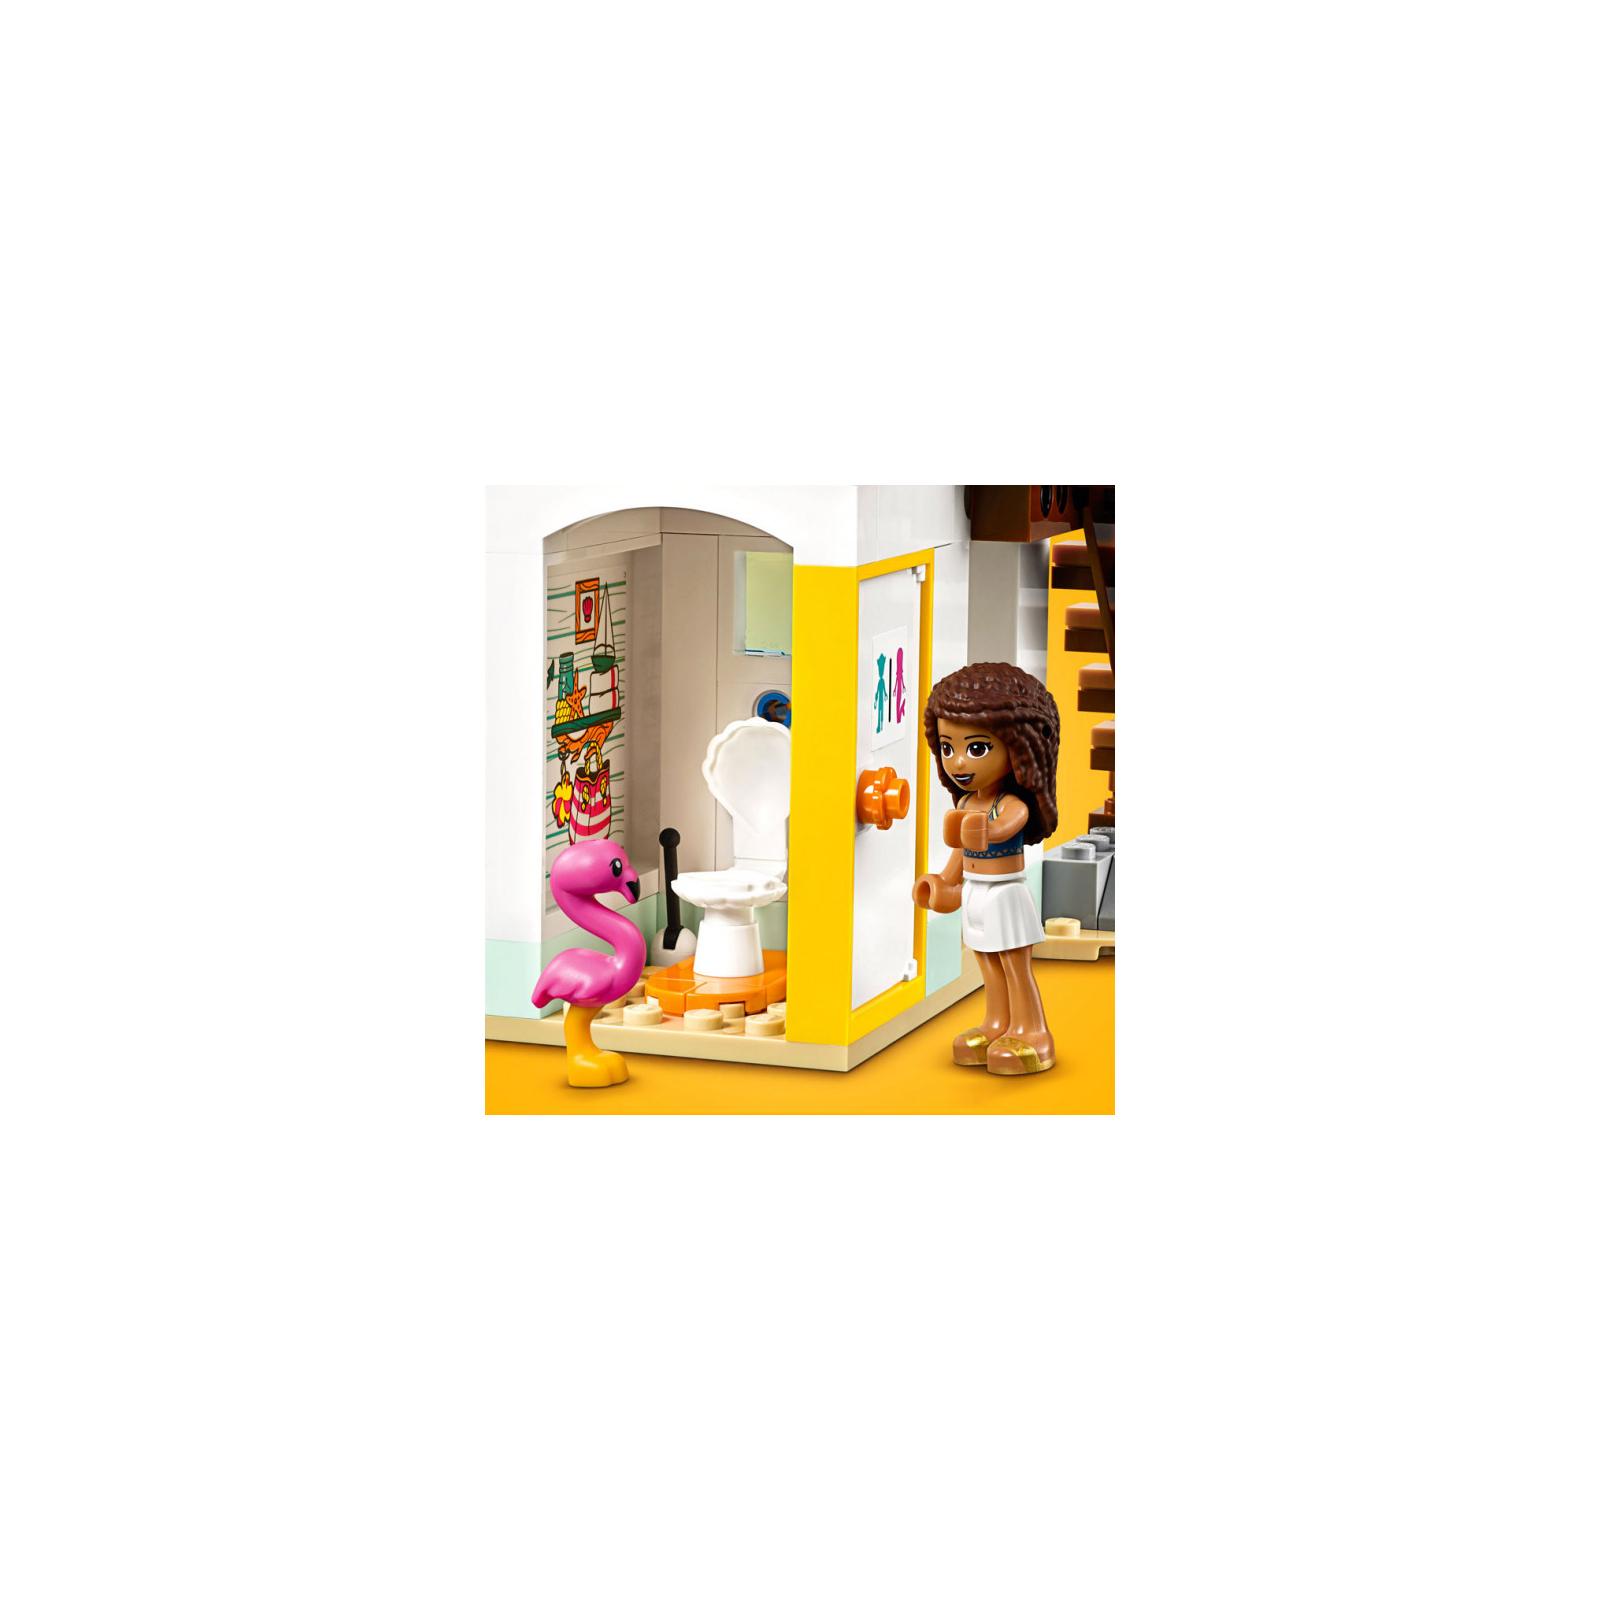 Конструктор LEGO Friends Пляжный домик 444 детали (41428) изображение 8